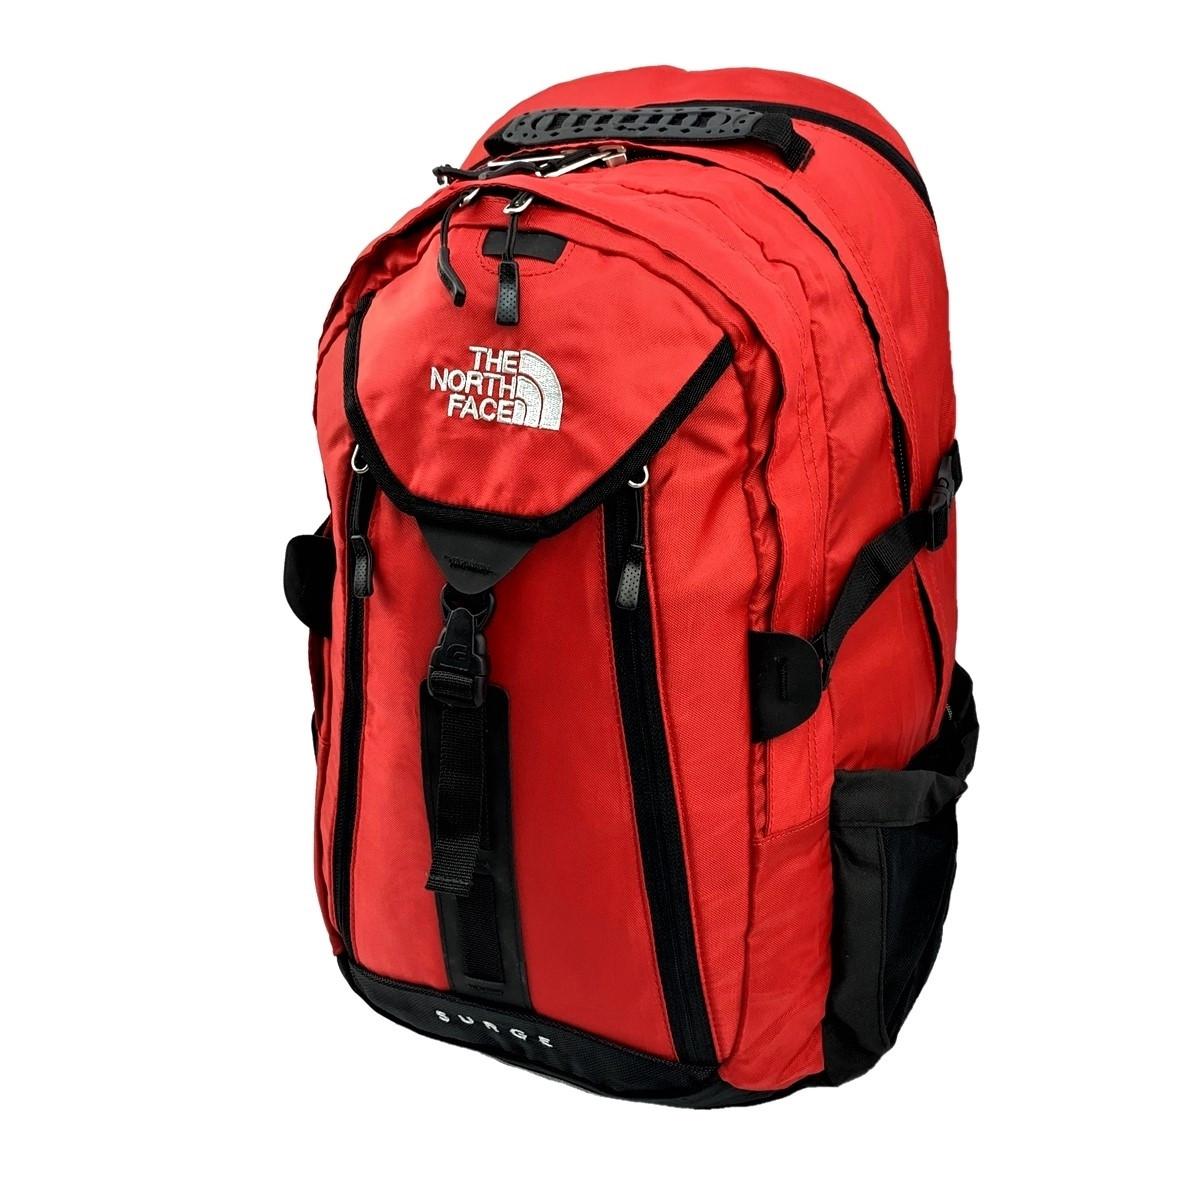 Городской рюкзак The North Face Surge 33L красного цвета с отделением для ноутбука